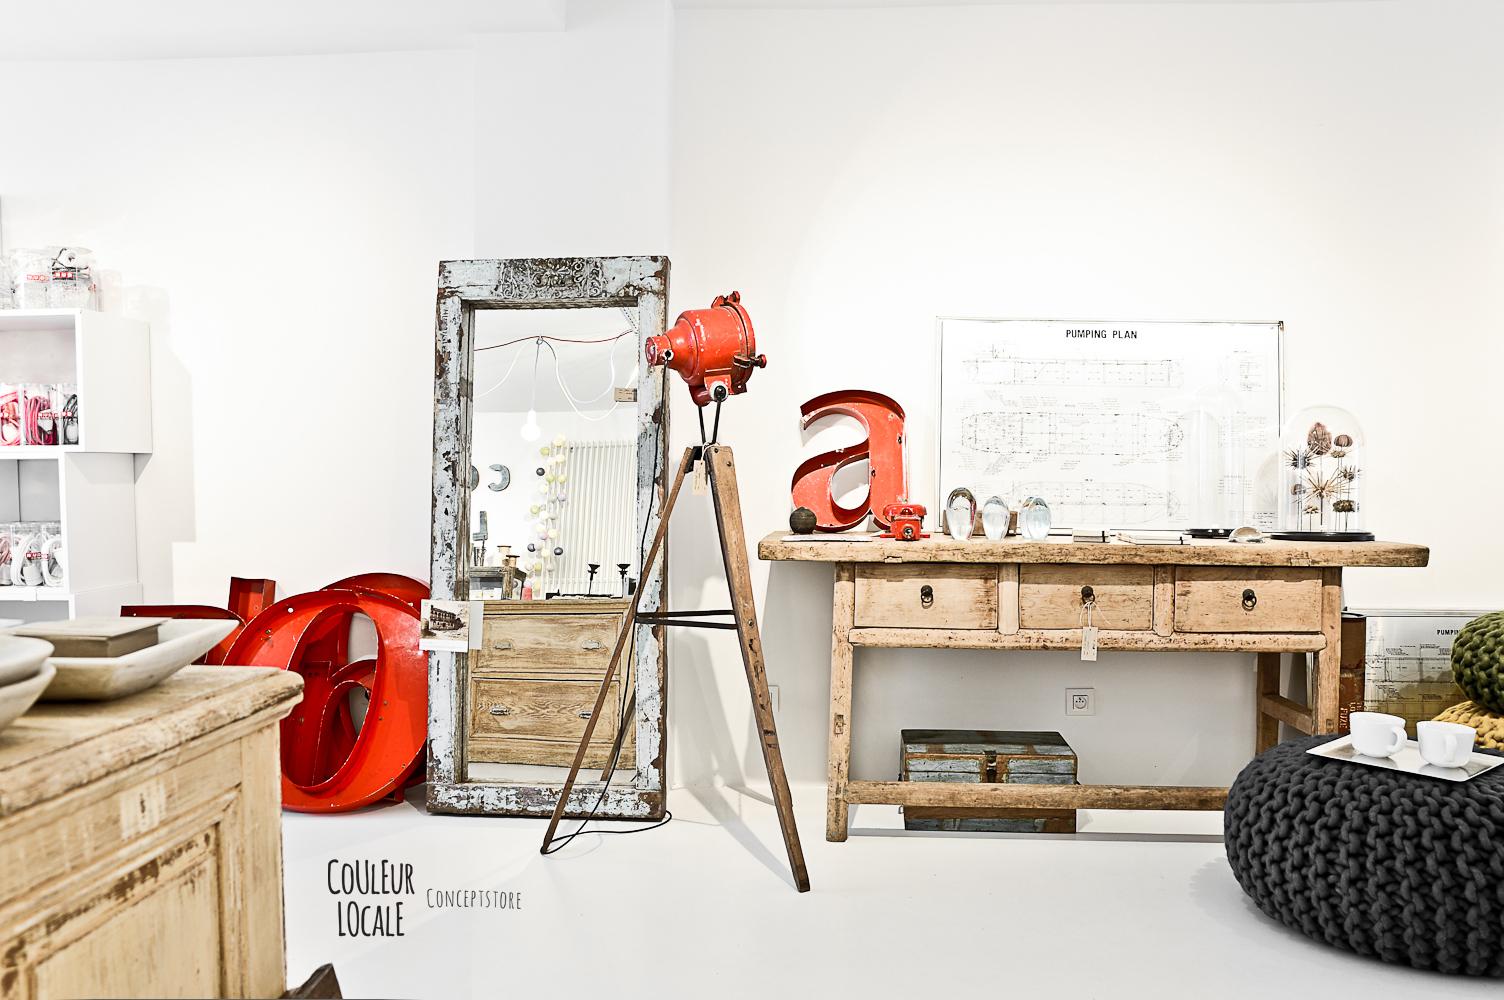 Couleur Locale Concept store in Belgium 4